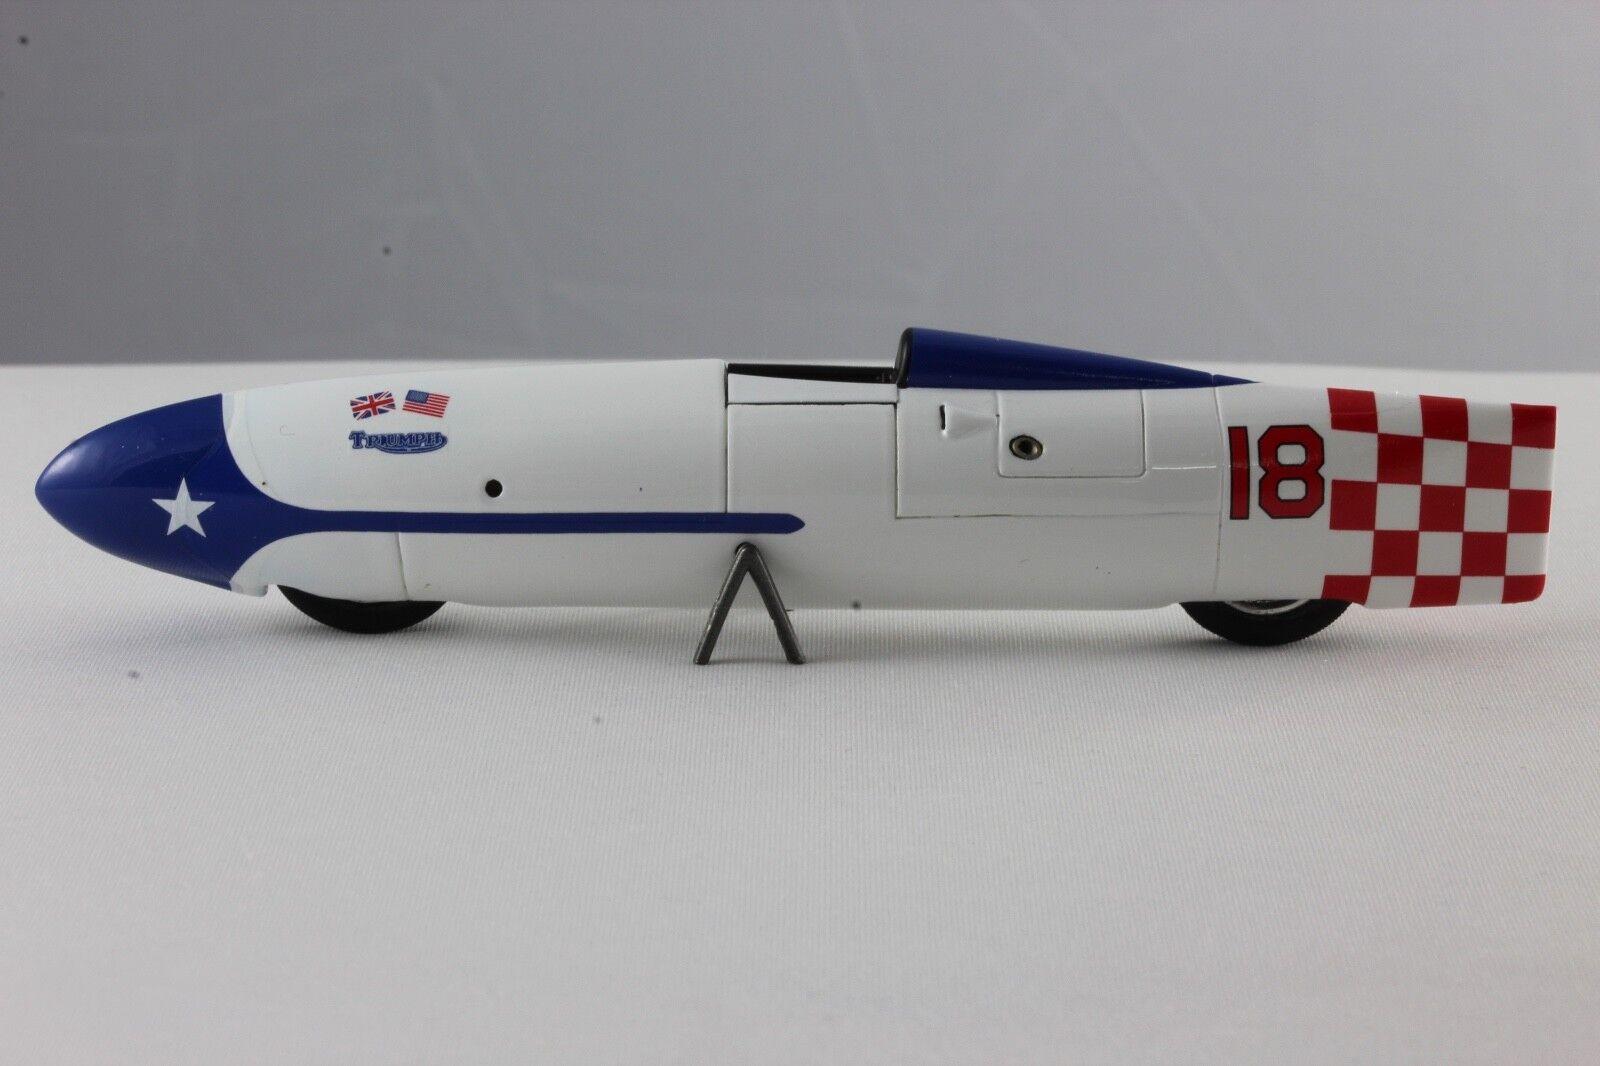 Bizarre Triumph the Texas Cee-Gar BONNEVILE Record 1956 214 MPH Bizarre BZ559